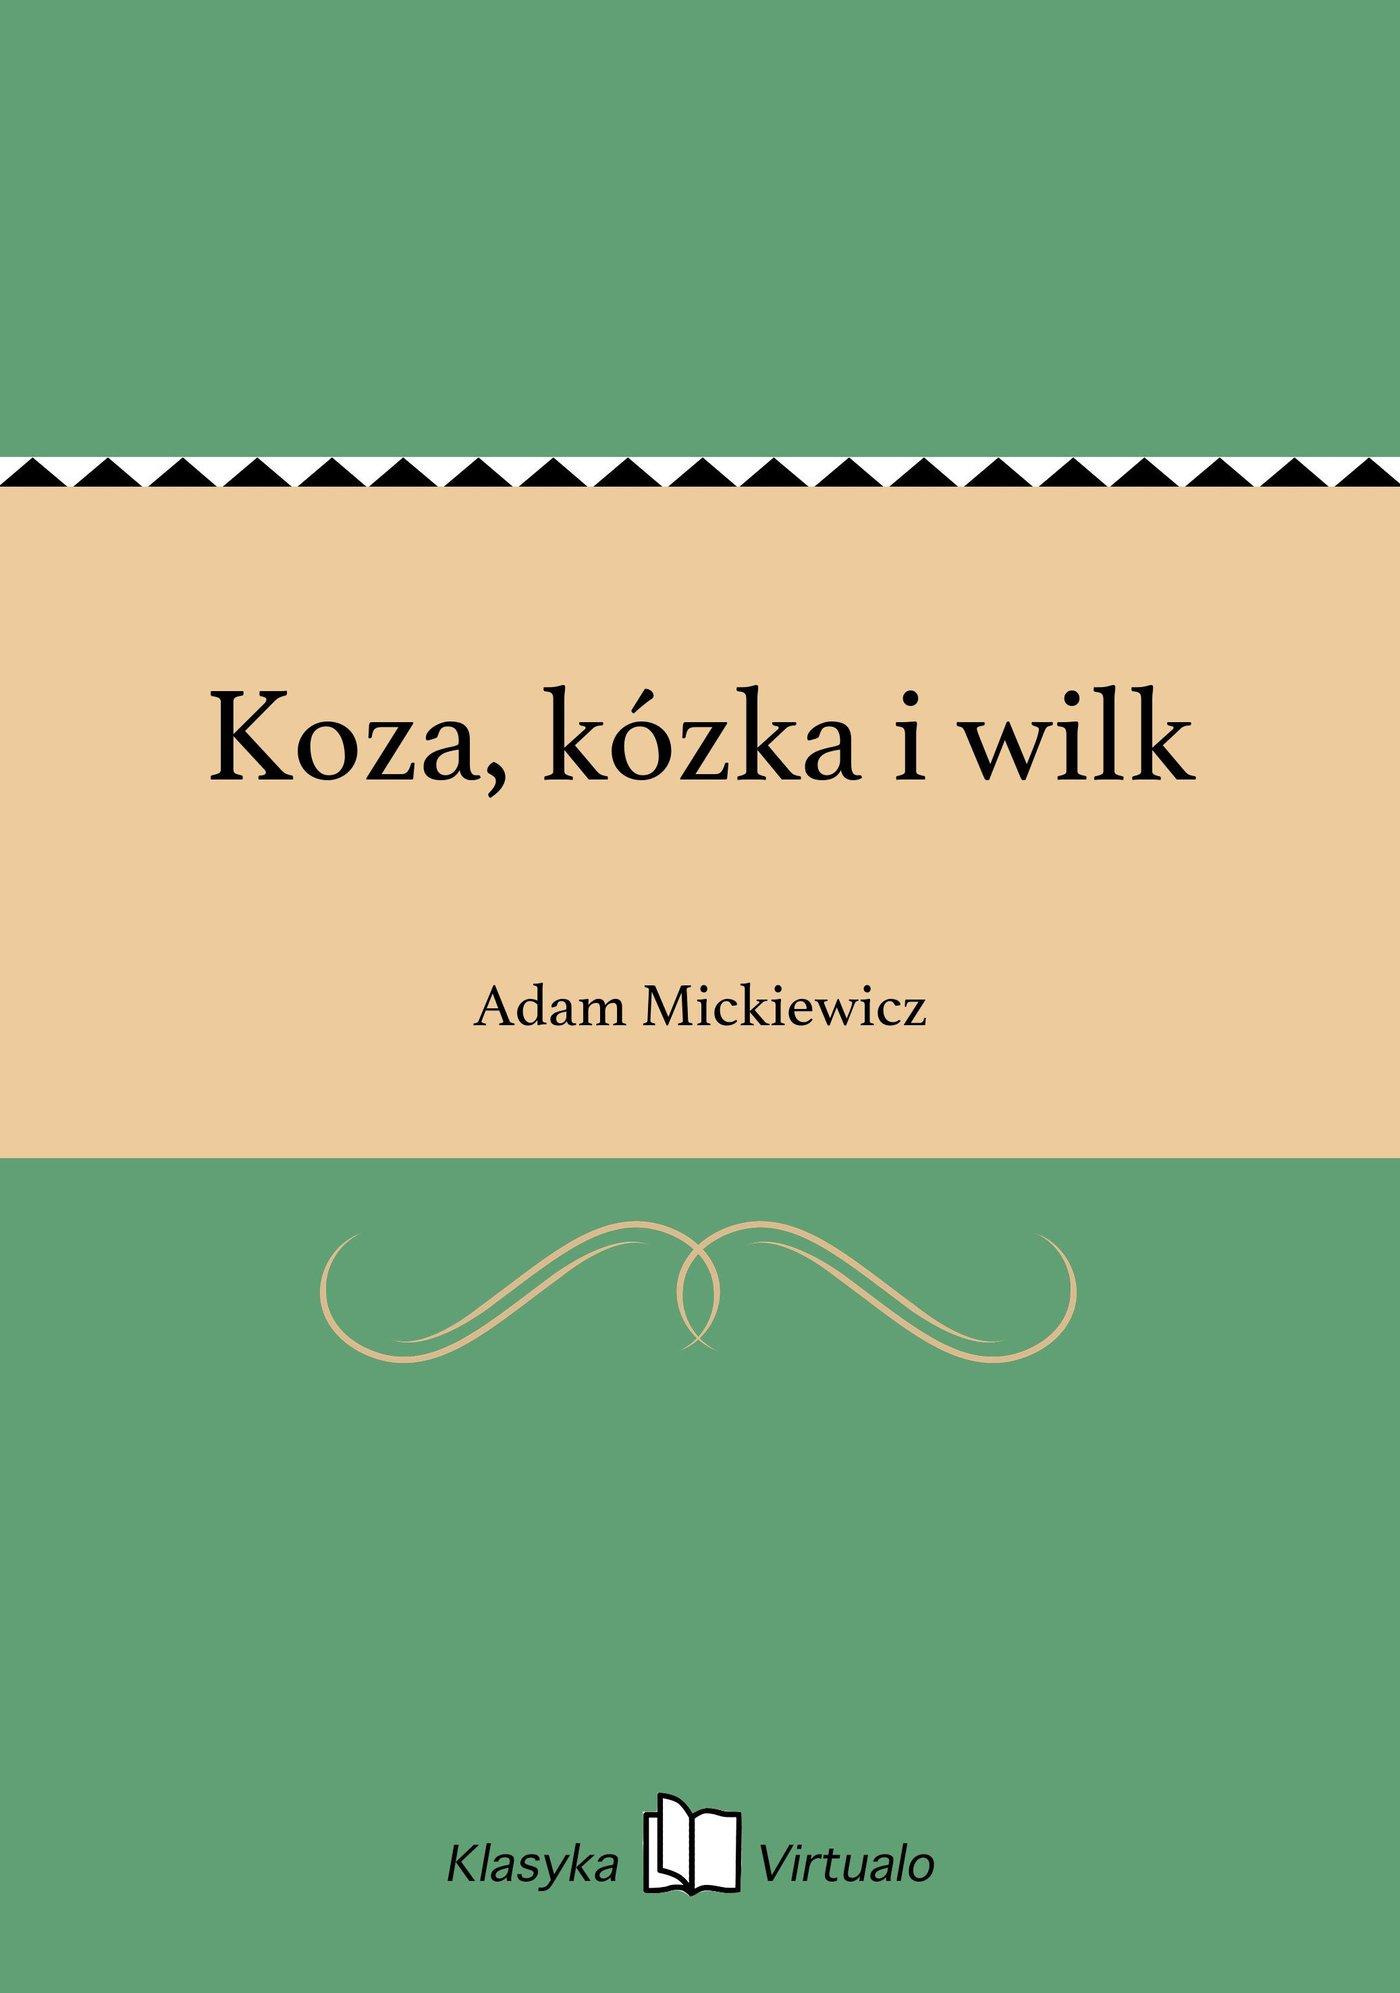 Koza, kózka i wilk - Ebook (Książka EPUB) do pobrania w formacie EPUB